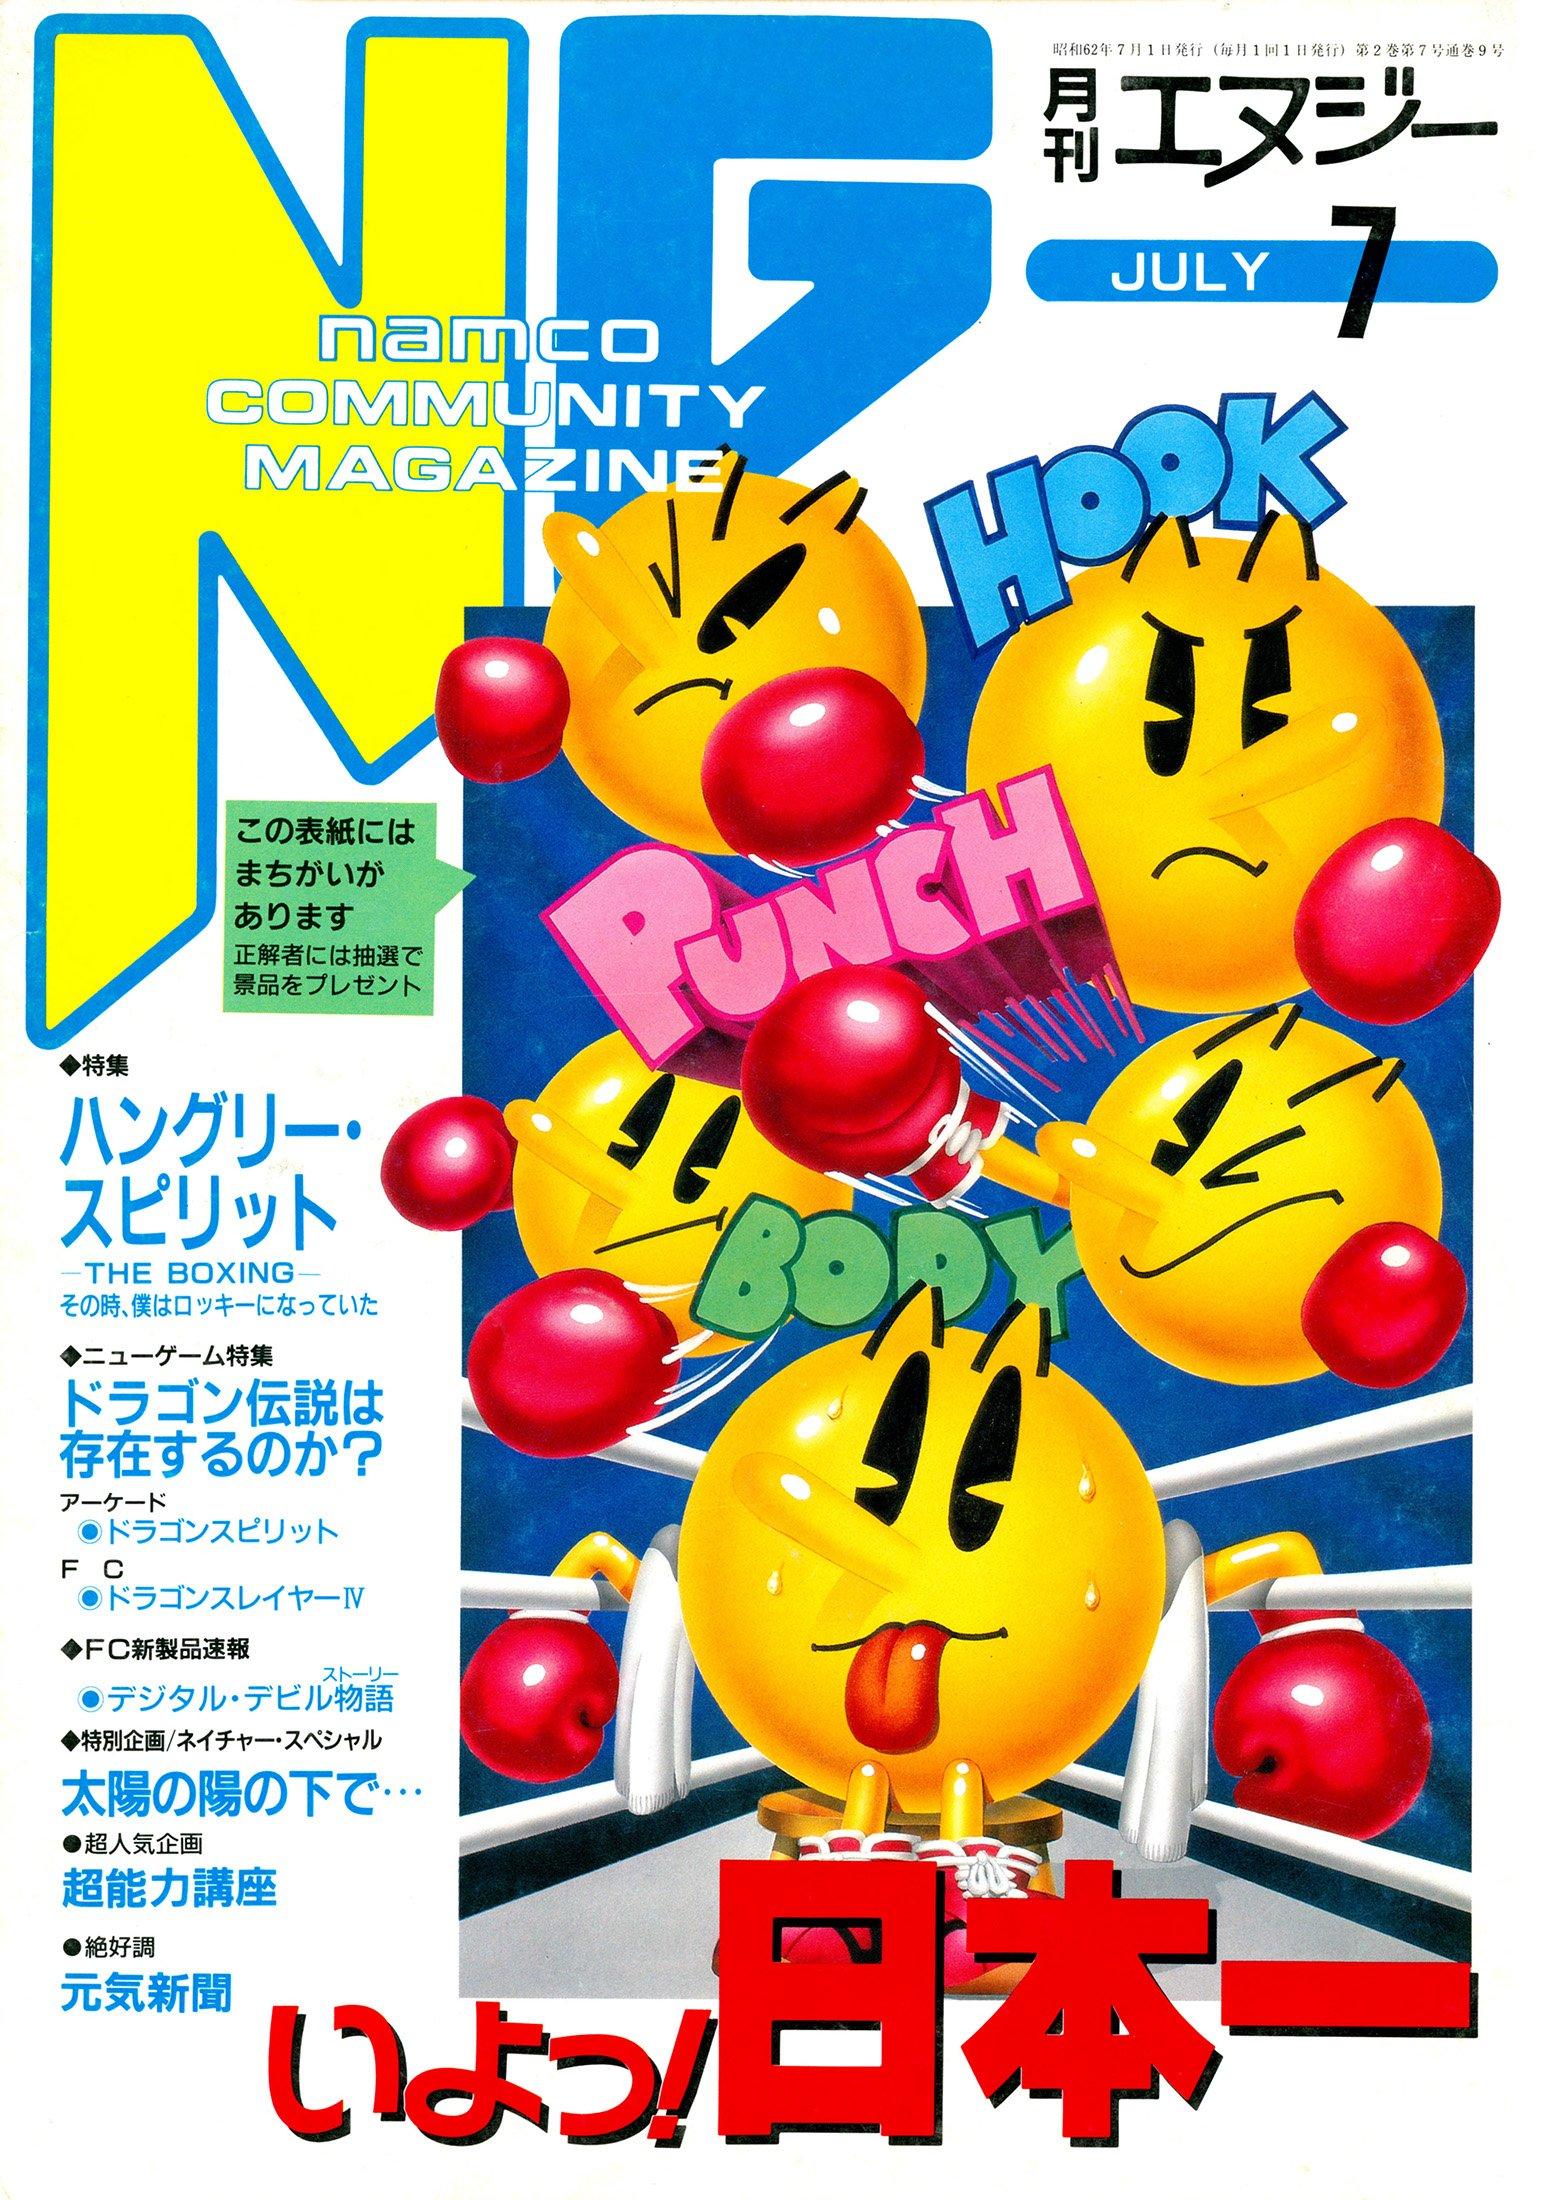 NG Namco Community Magazine Issue 09 (July 1987)